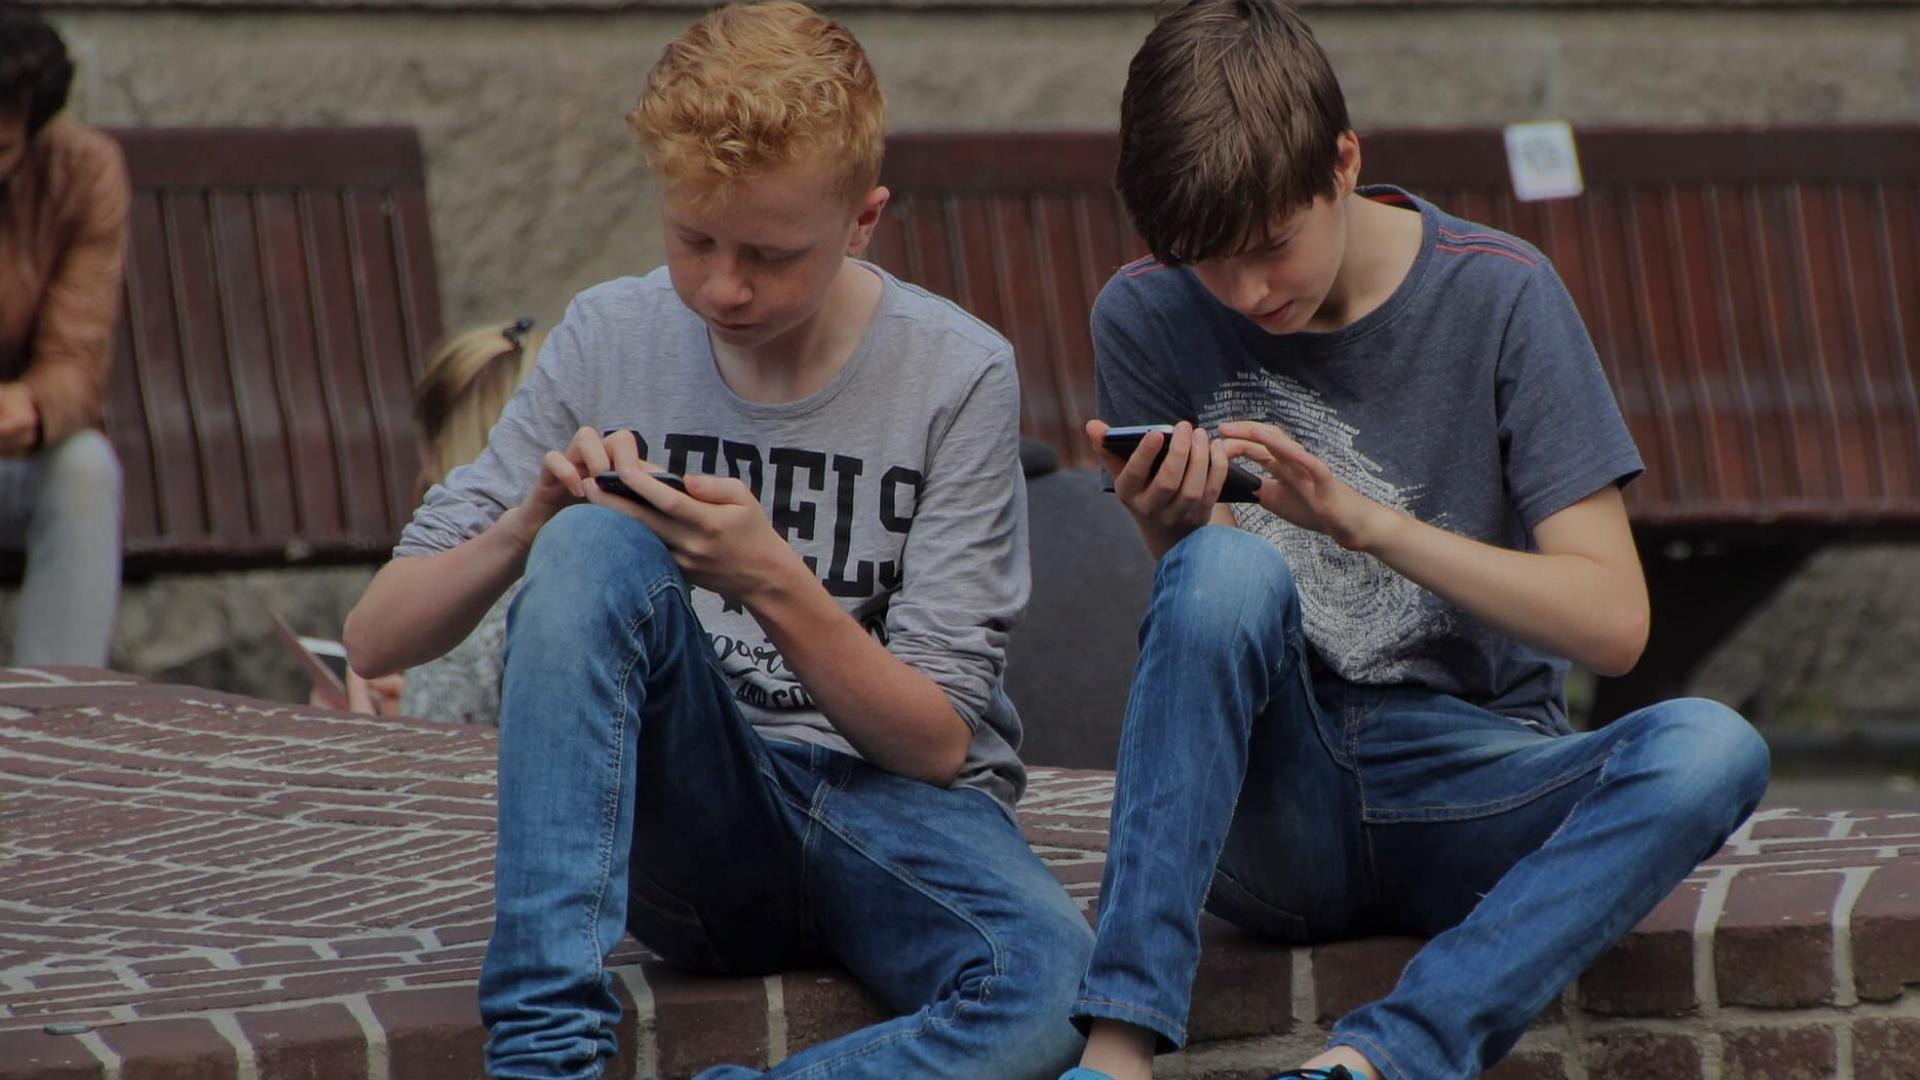 Hvordan klæder vi danske skoleelever på til at begå sig sikkert og lovligt på nettet?